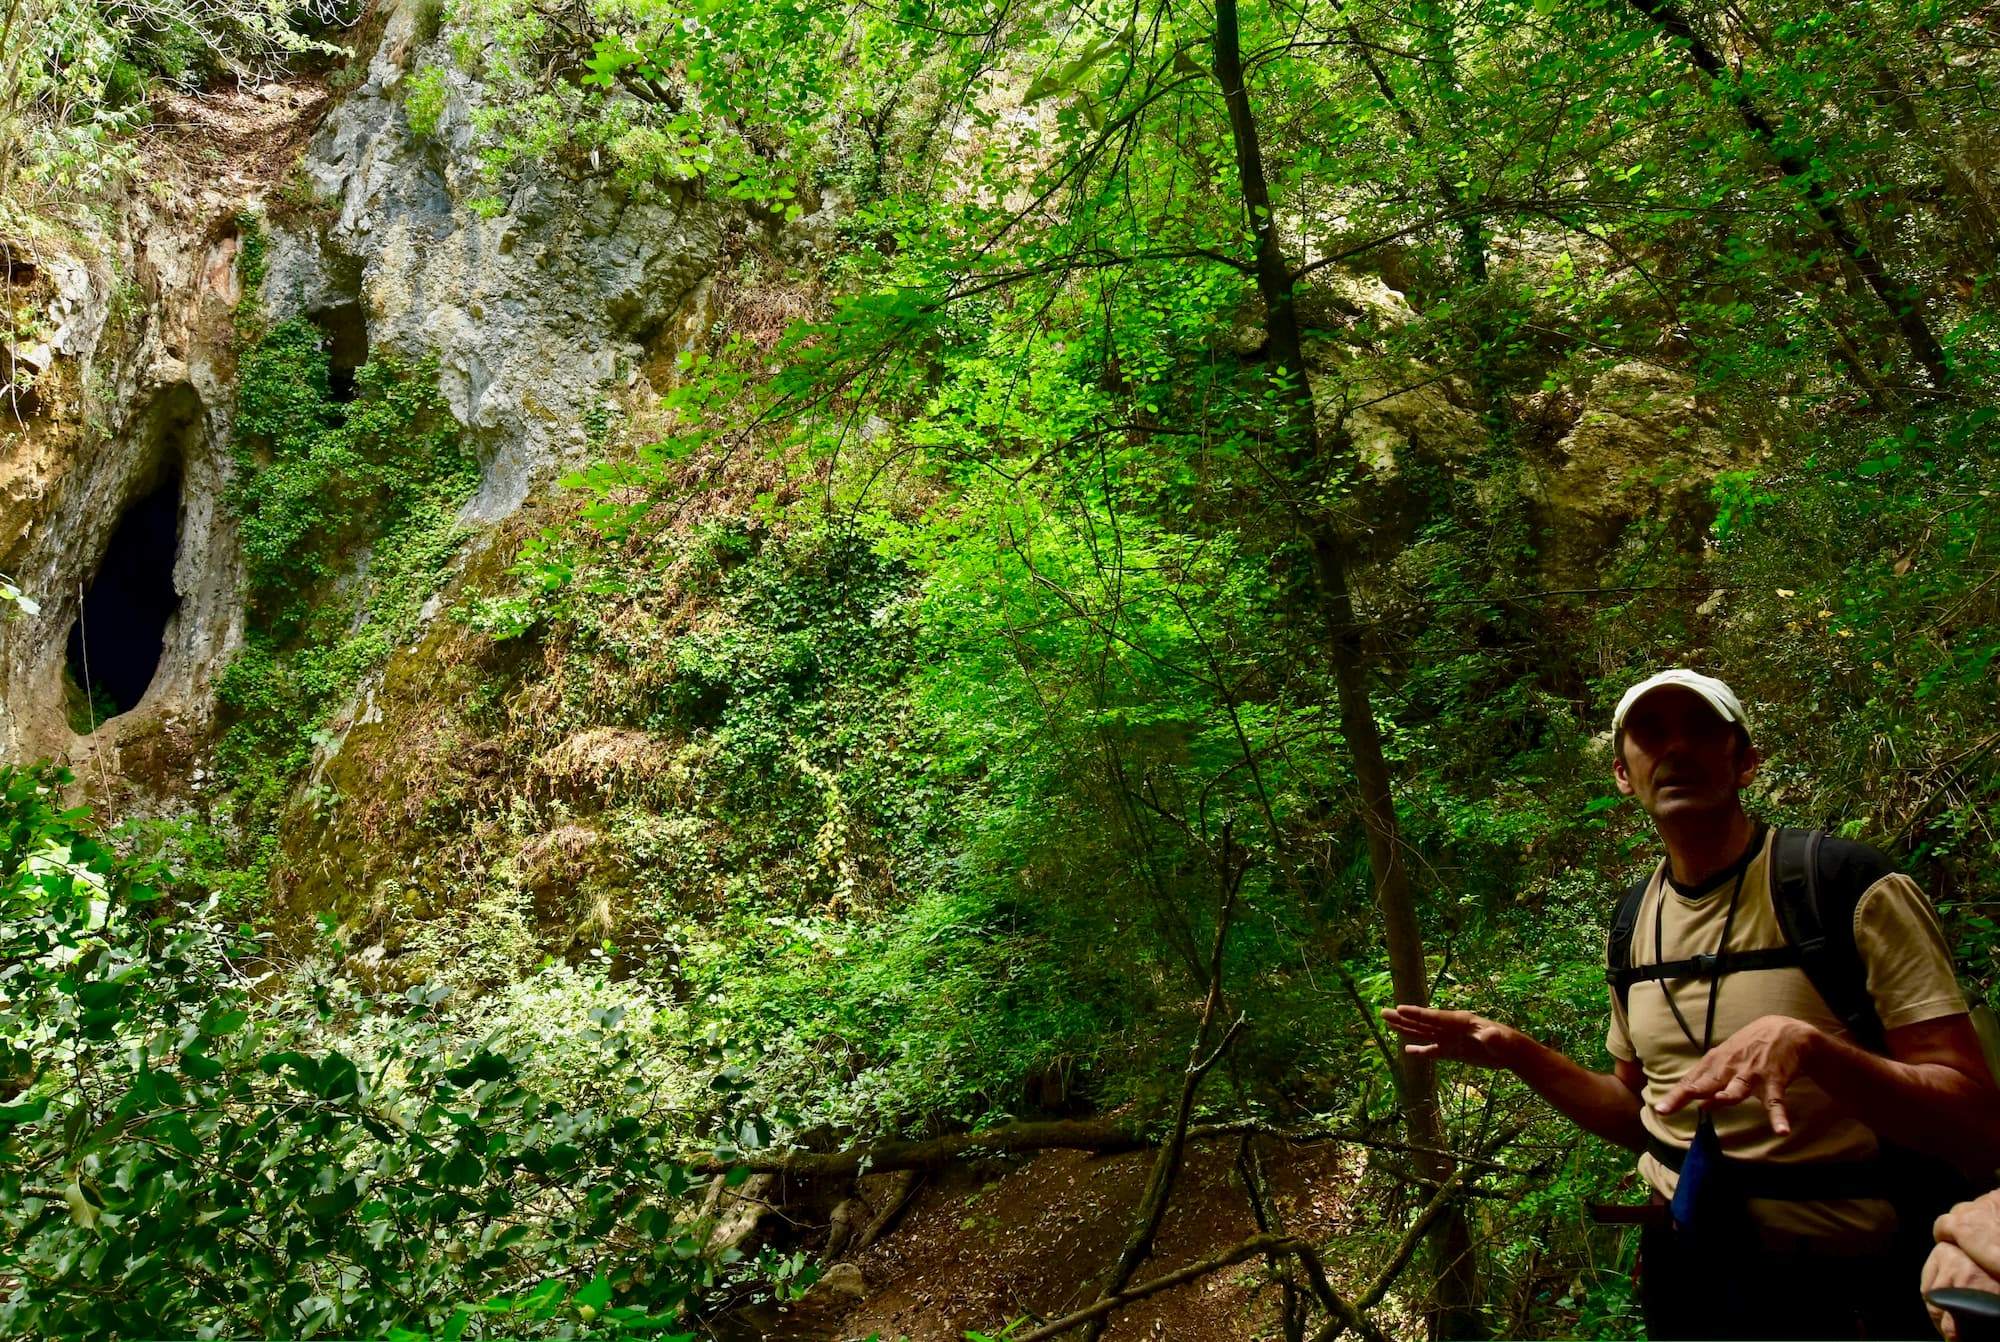 ケーヴィングの解説をするアルプス山岳会の洞穴専門家。イタリア語では、スペオロジア(Speleologia)と呼ばれ、ギリシア語のspelaion(洞穴)とlogos(論点、学問)の組み合わせた単語が語源(カステルチヴィタ、カンパニア州)